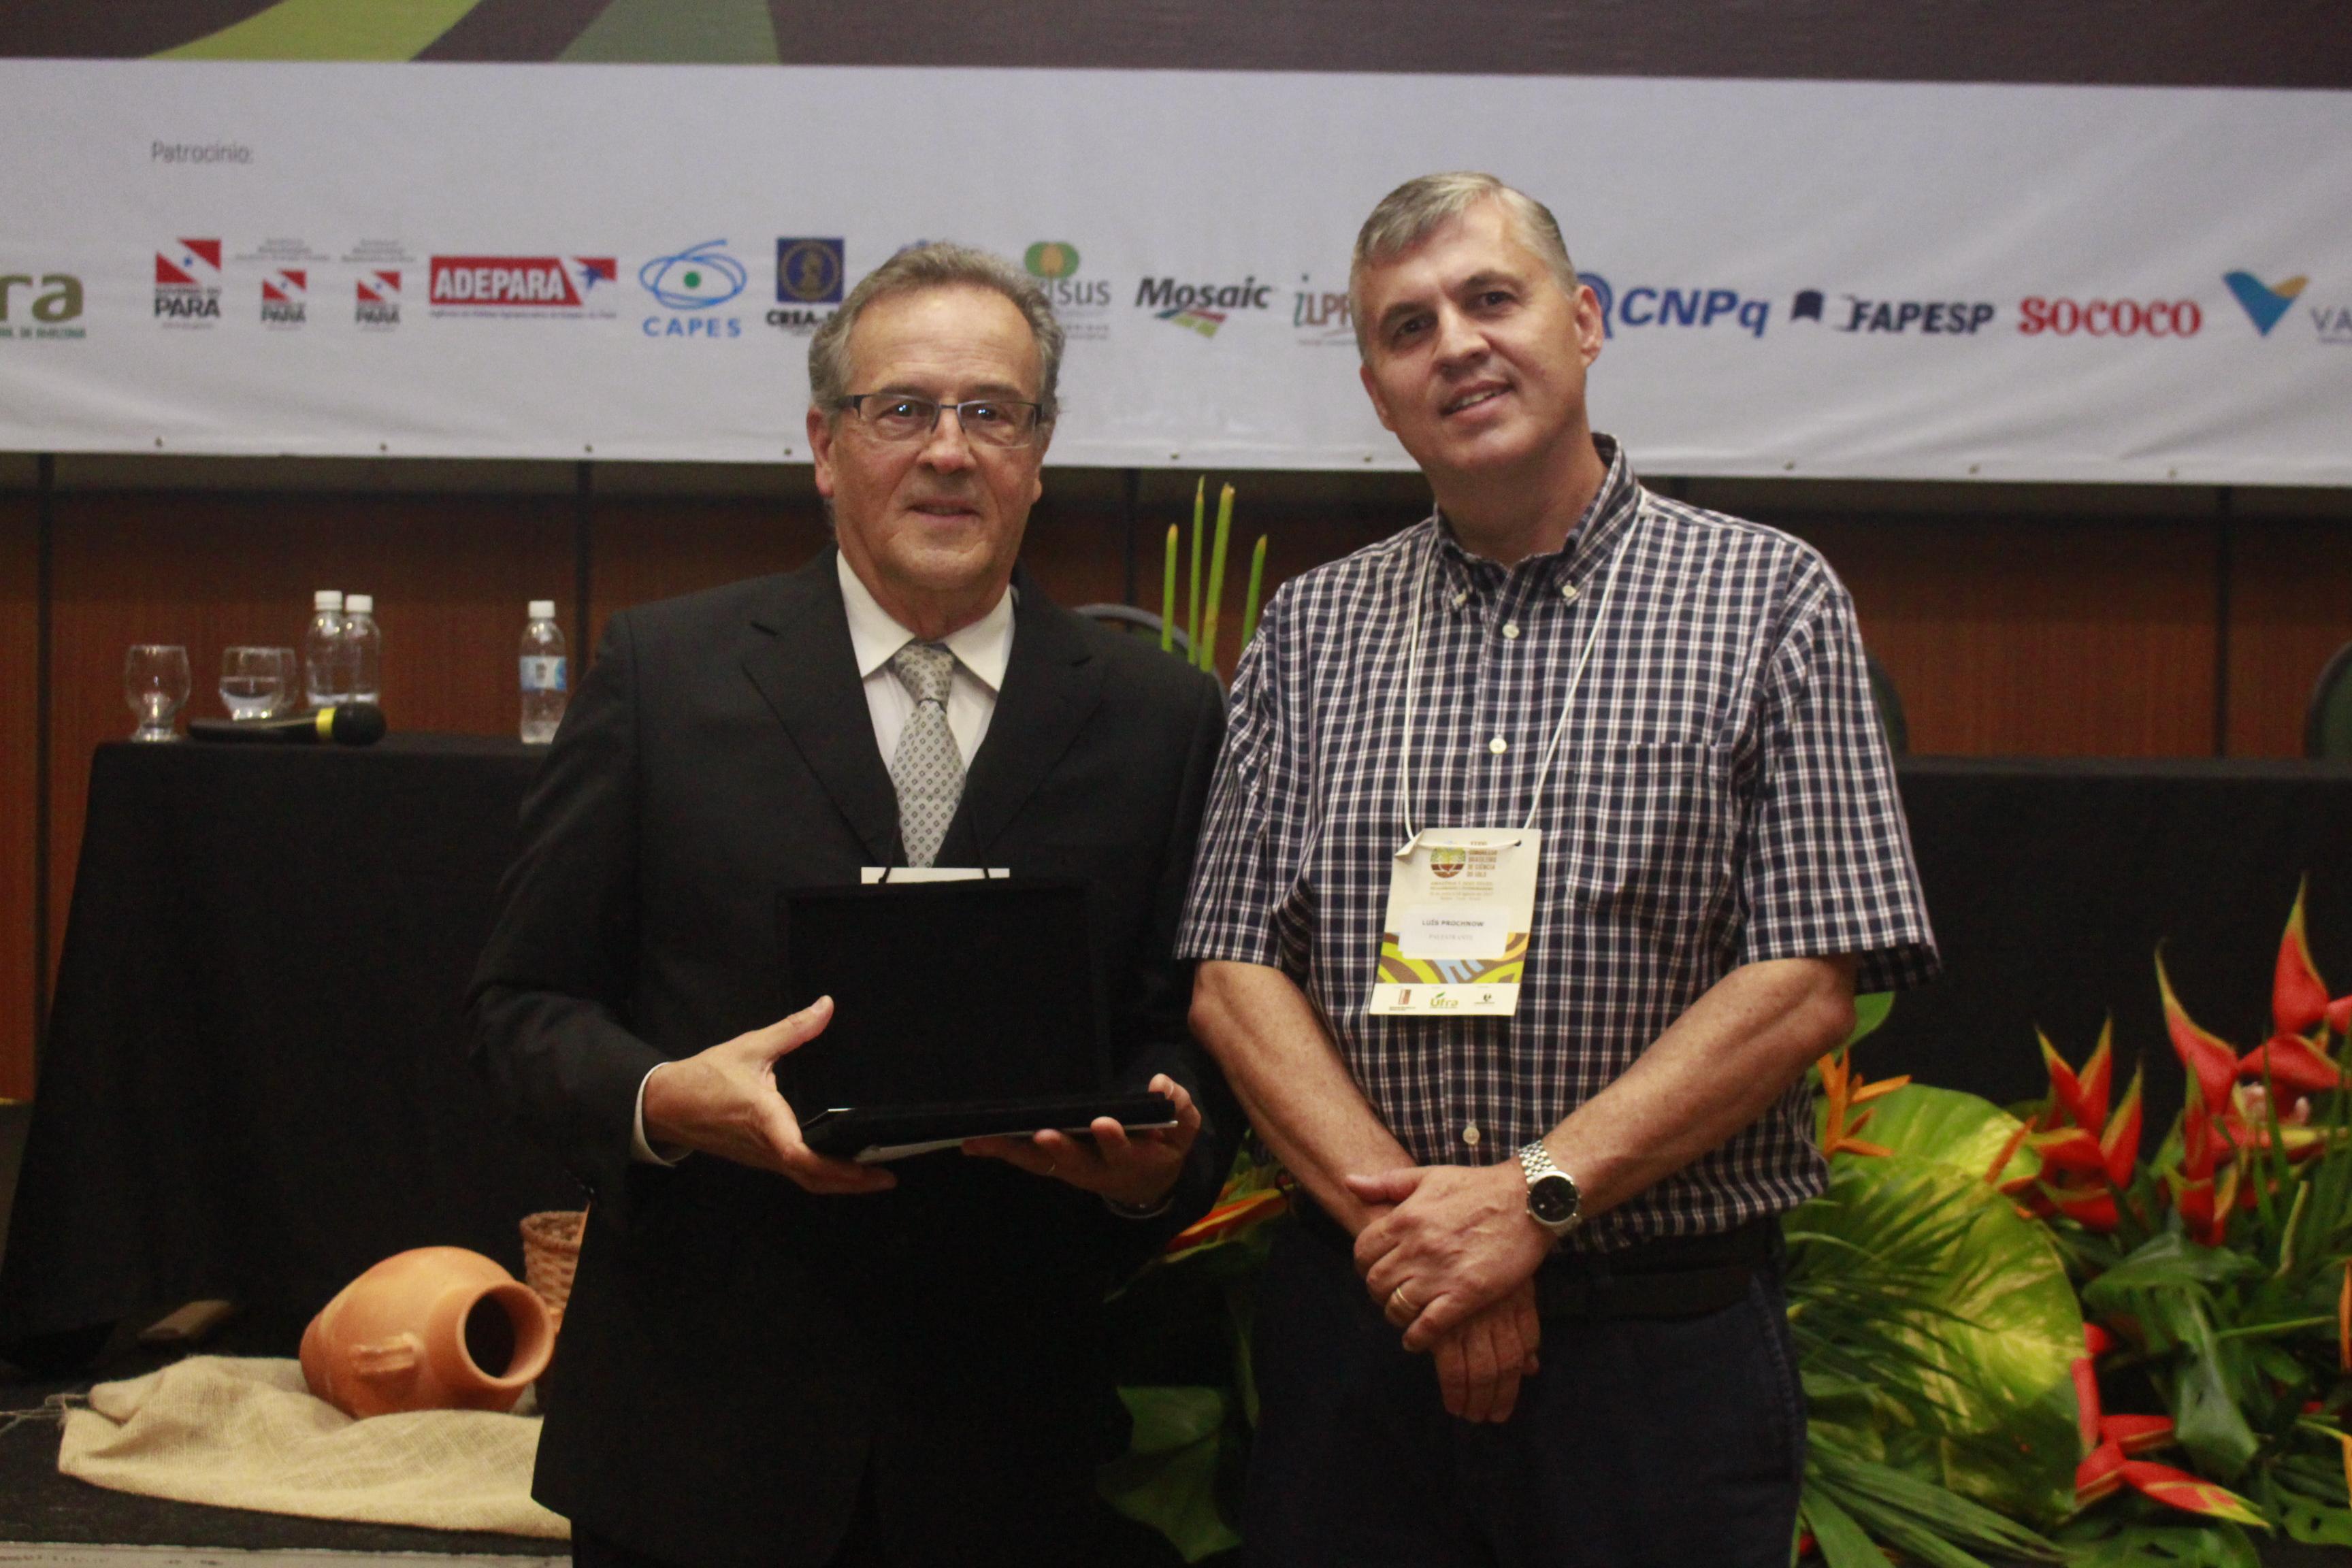 Djalma Martinhão à esquerda e o diretor do IPNI Brasil, Luís Prochonow